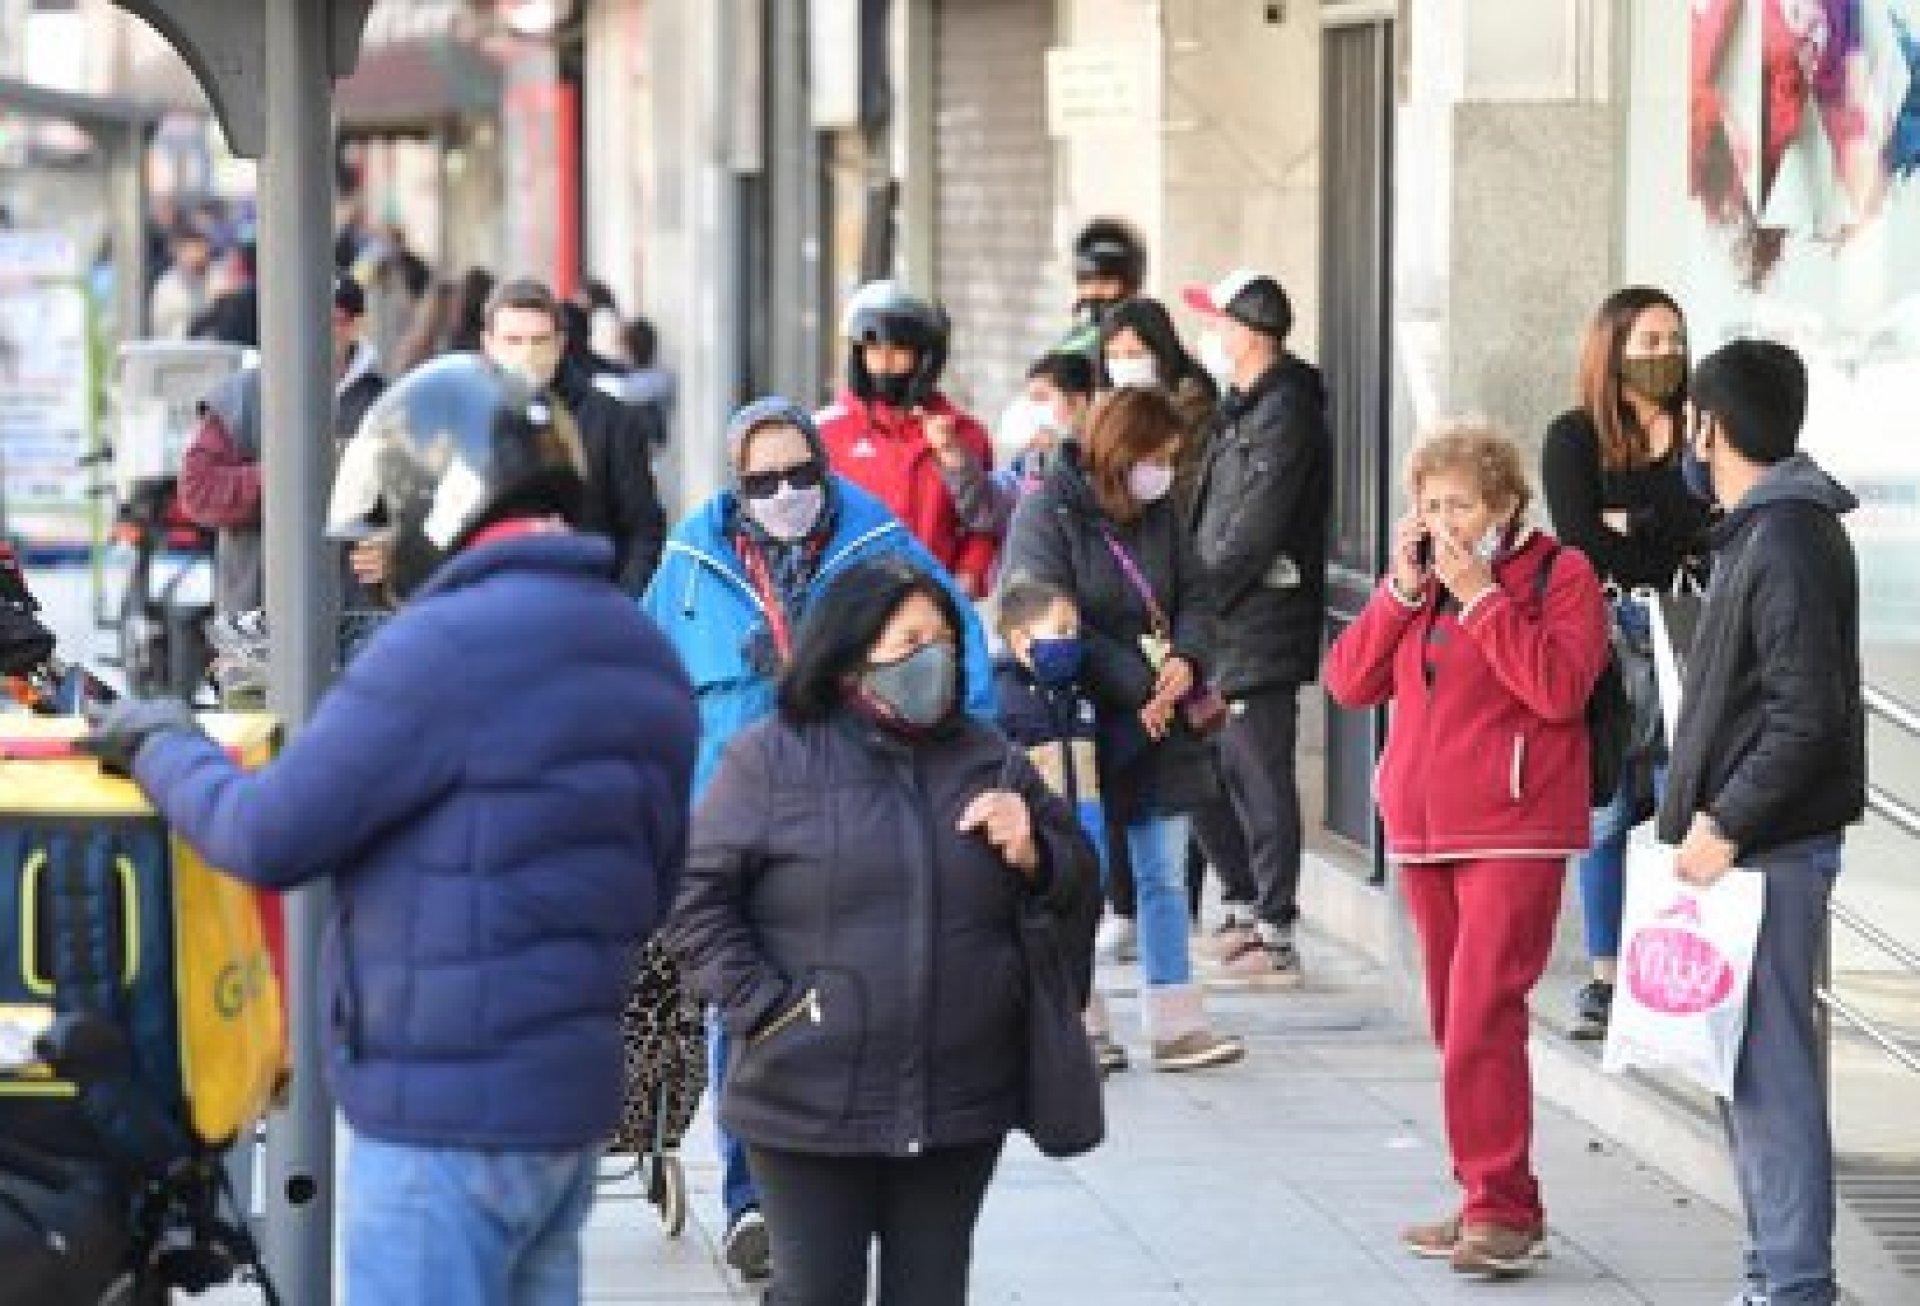 El panorama en las entradas de los comercios en el centro del municipio de Avellaneda es similar al de Quilmes. Clientes que se amontonan en las puertas, corriendo riesgo en medio de la pandemia